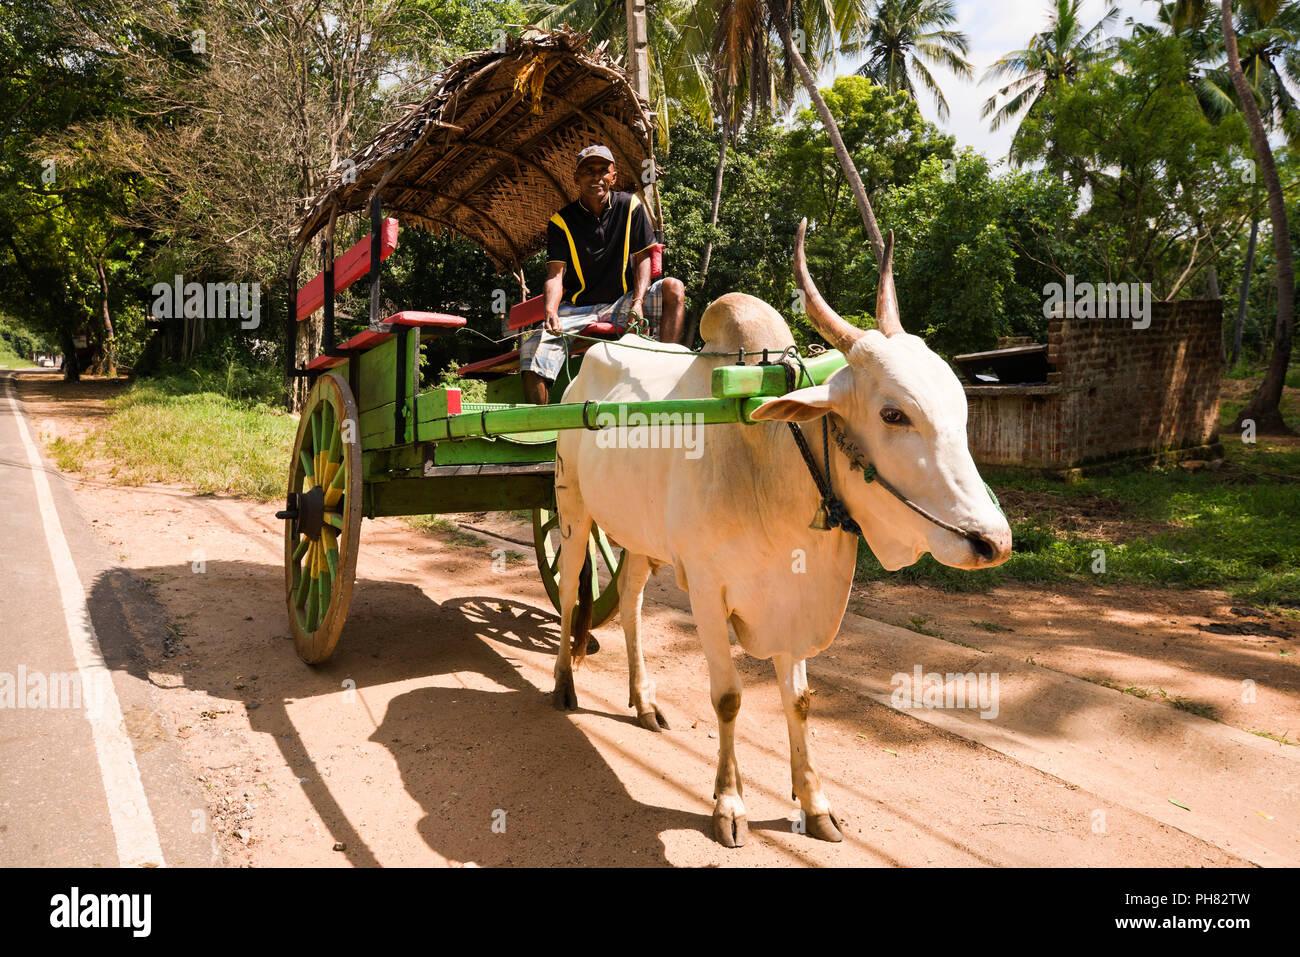 Orizzontale verticale schematica di un cocchio trainato da buoi in Sri Lanka. Immagini Stock